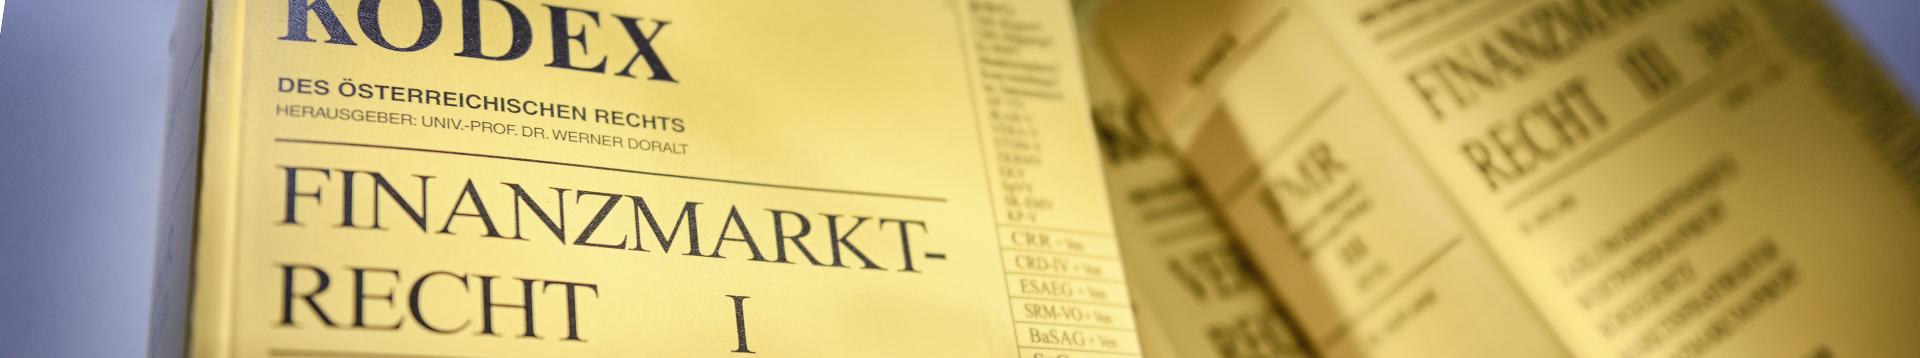 Auf diesem Bild ist der Kodex Finanzmarktrecht abgebildet